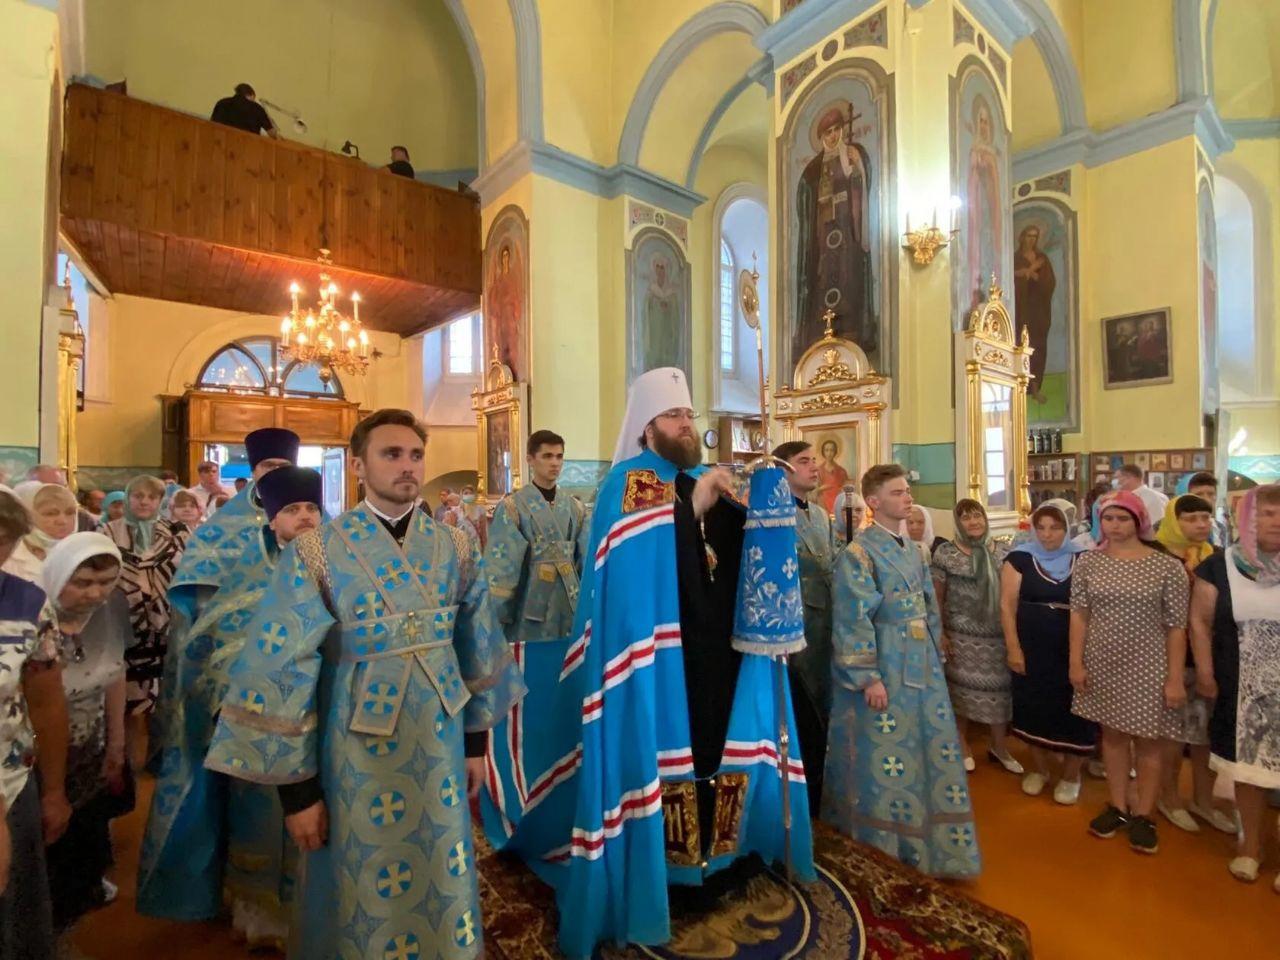 Митрополит Саратовский и Вольский ИГНАТИЙ проводит богослужение в Казанском храме Петровска